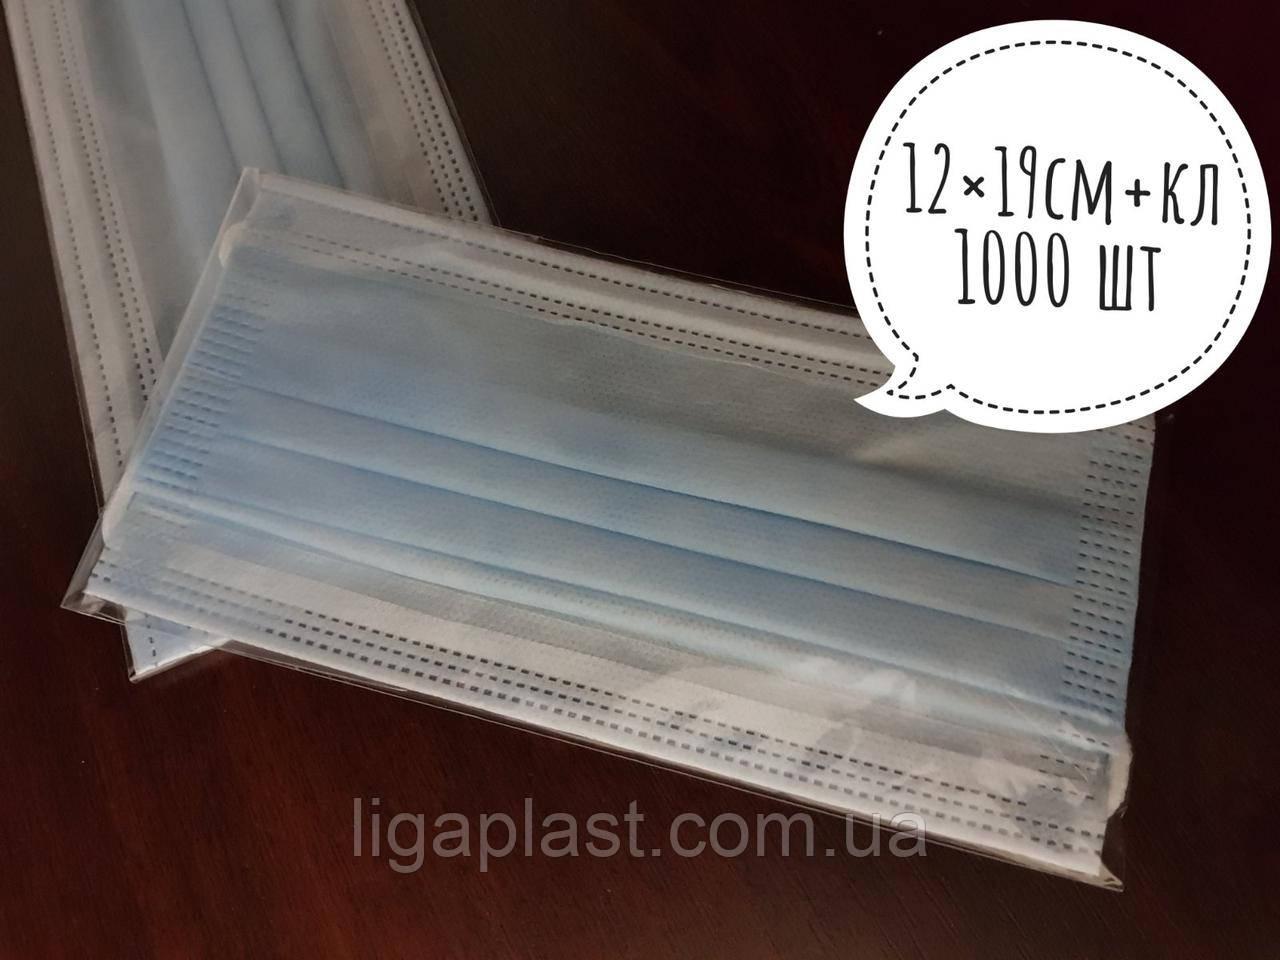 Полипропиленовые пакеты с клейкой лентой 120-190мм+кл. 20мкм